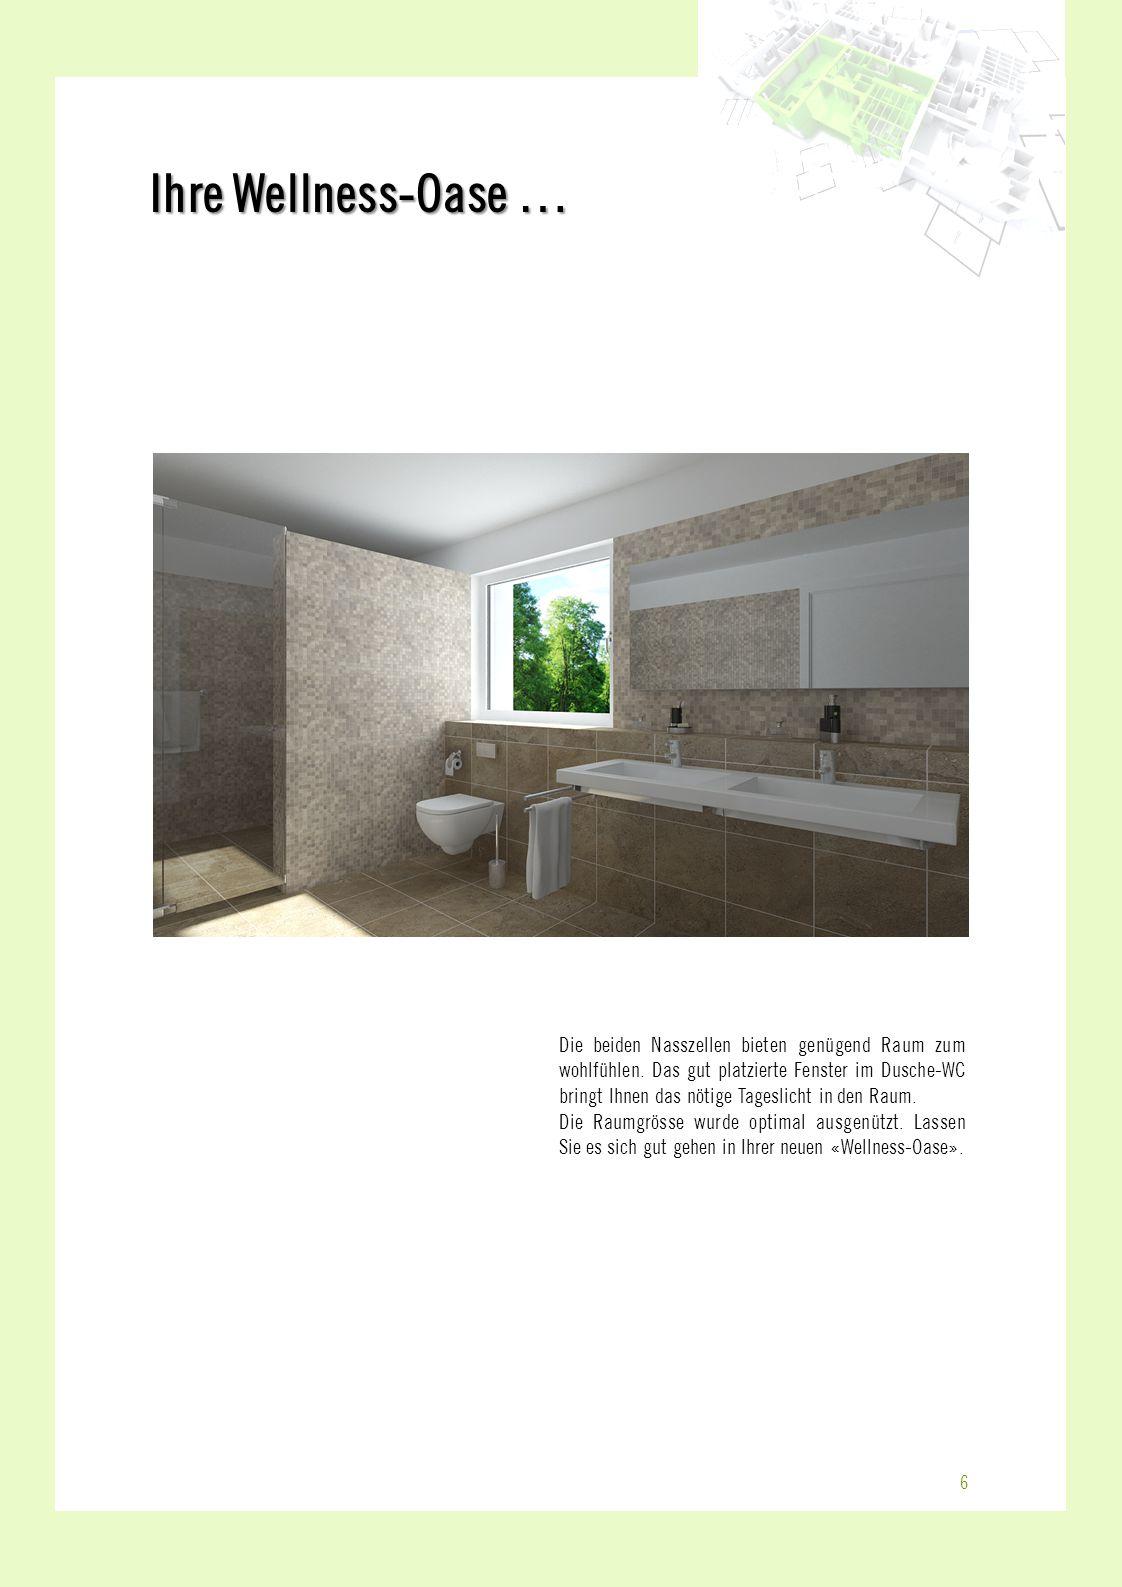 Die beiden Nasszellen bieten genügend Raum zum wohlfühlen. Das gut platzierte Fenster im Dusche-WC bringt Ihnen das nötige Tageslicht in den Raum. Die